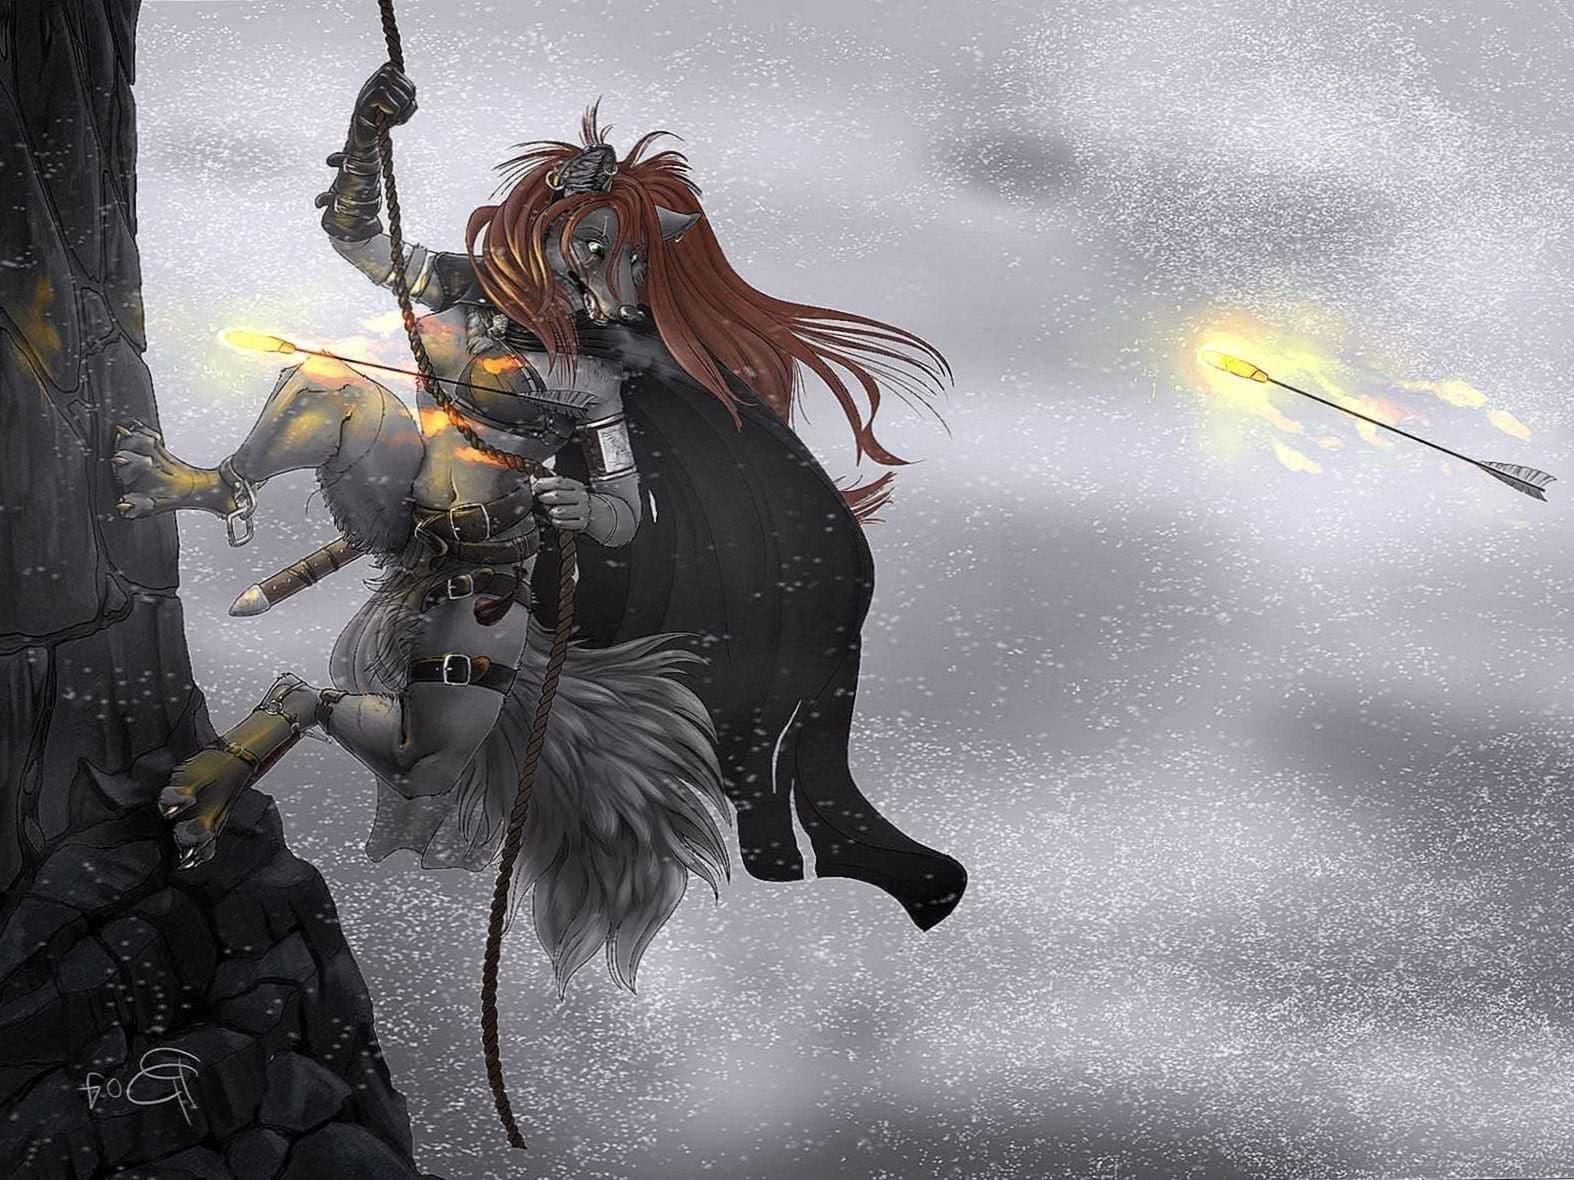 Wolf Warrior 2 Wallpaper